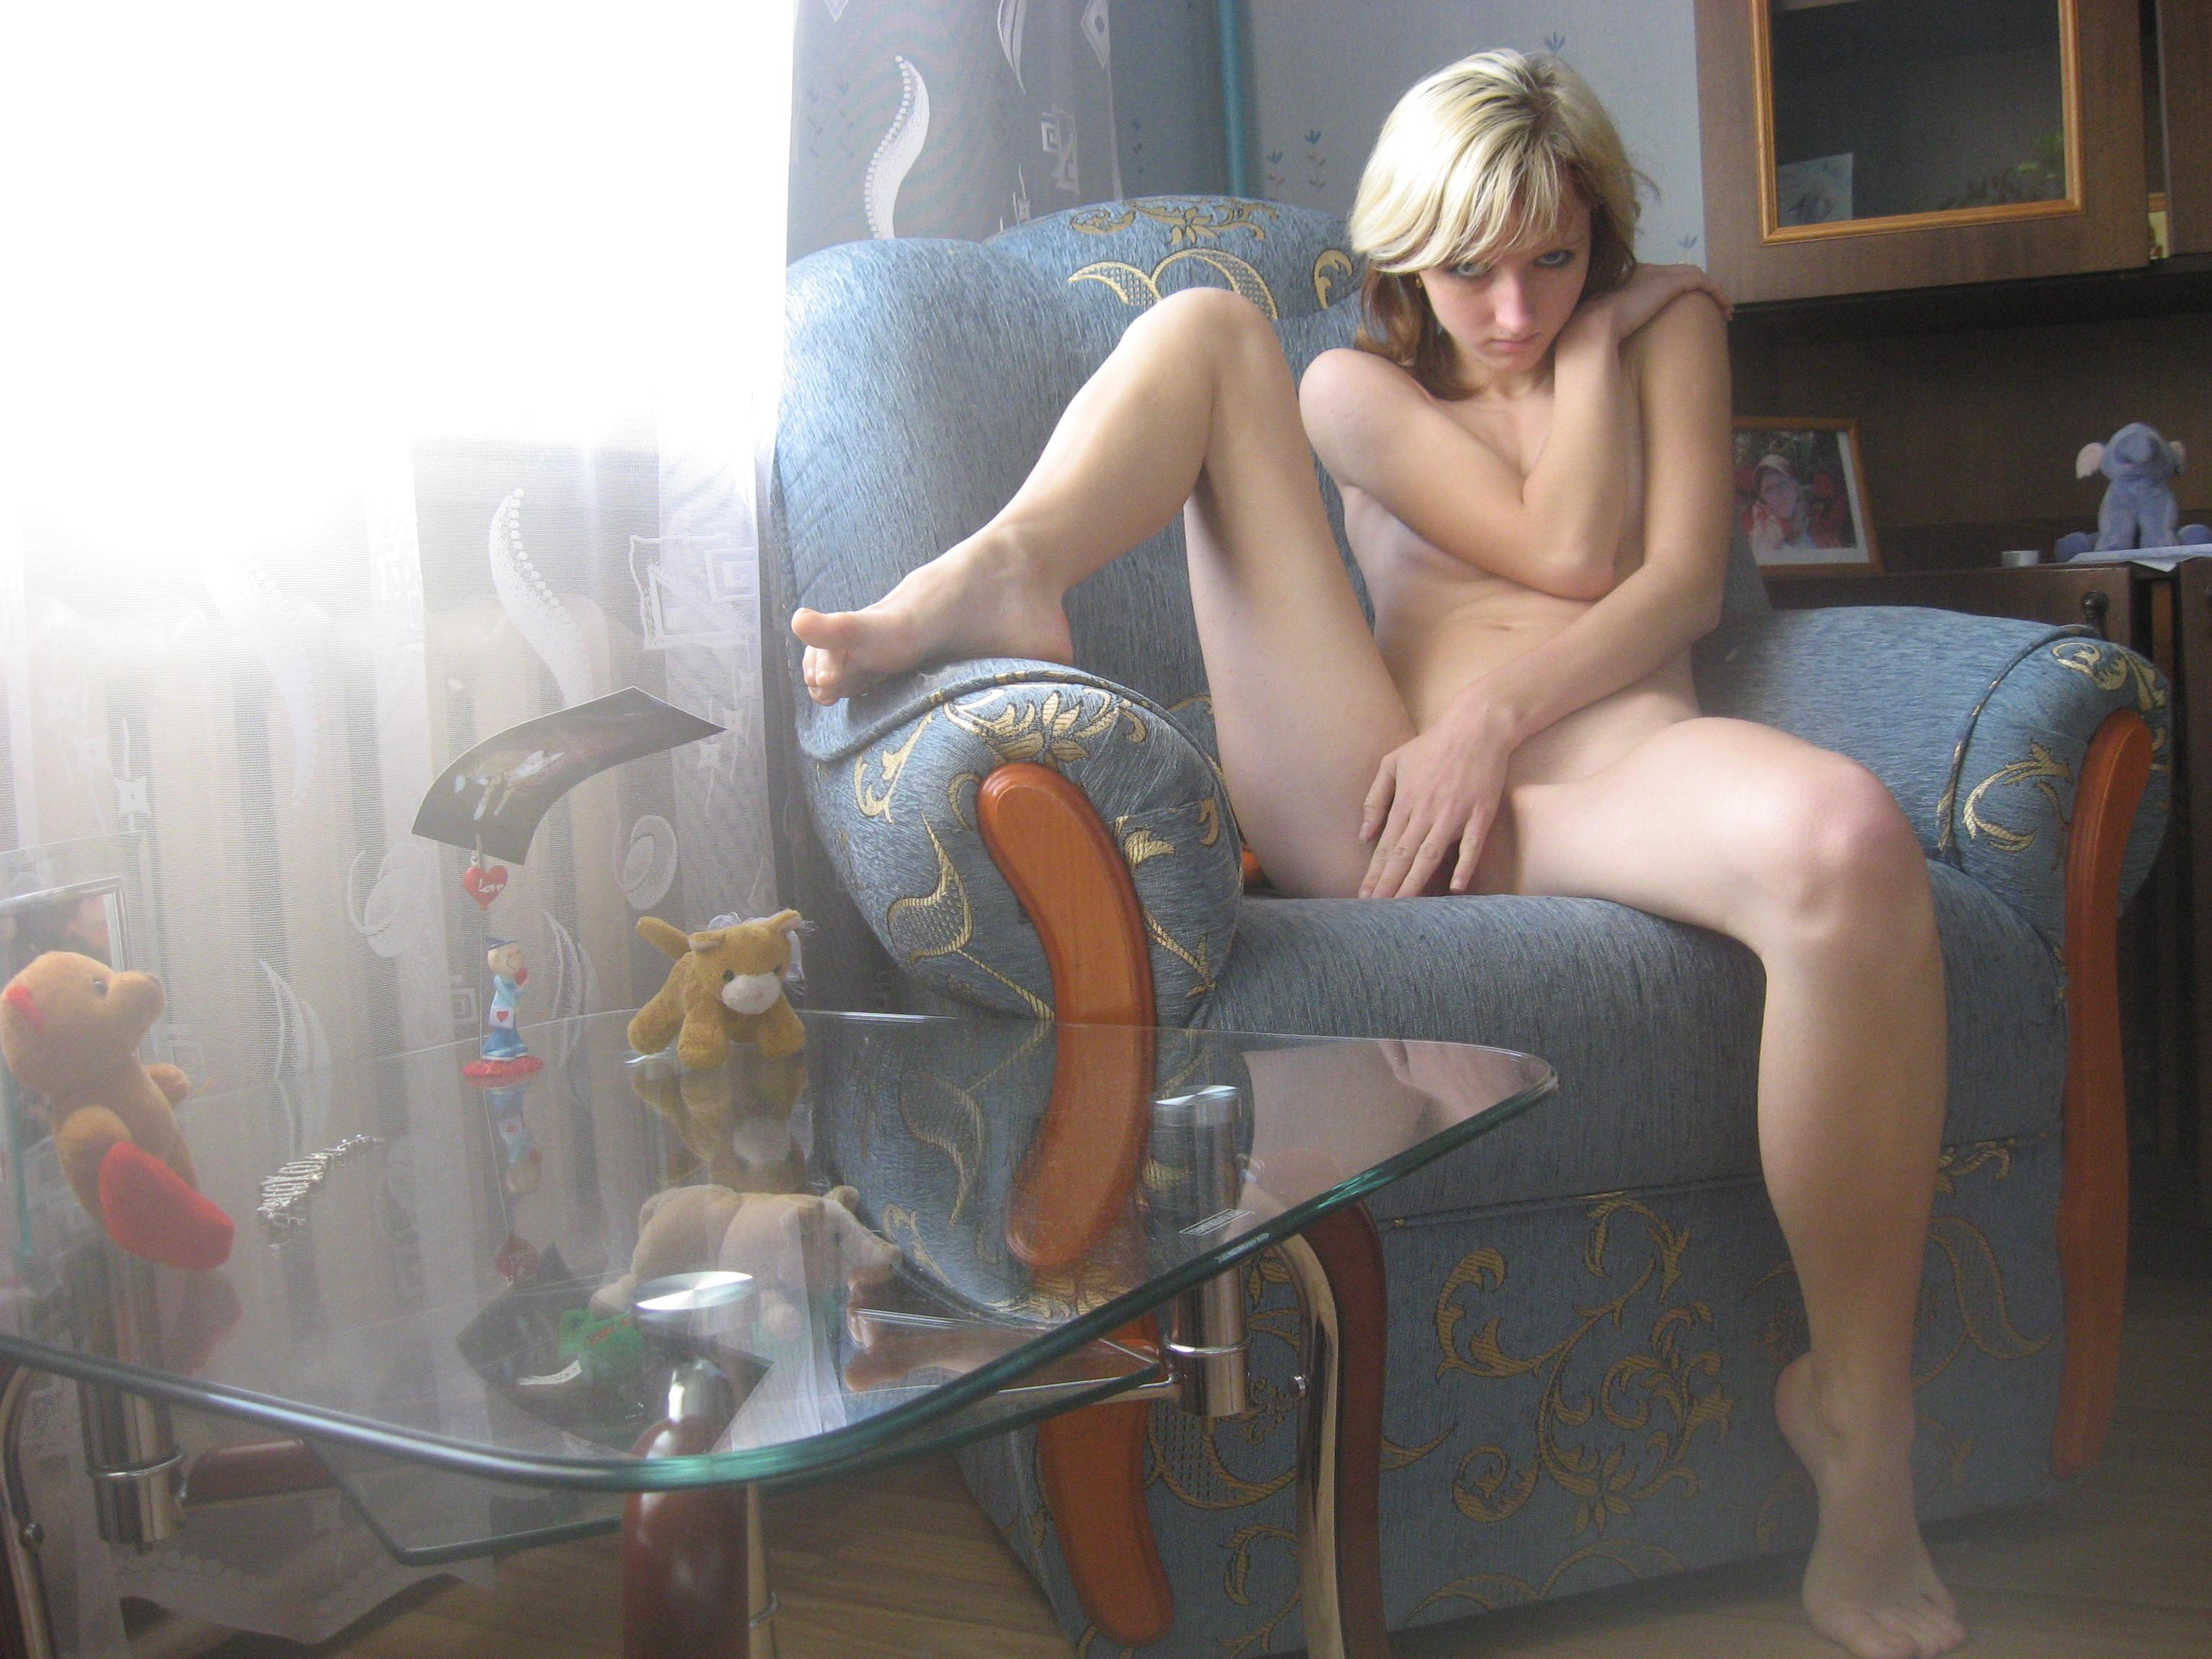 kostyum-meditsinskiy-eroticheskiy